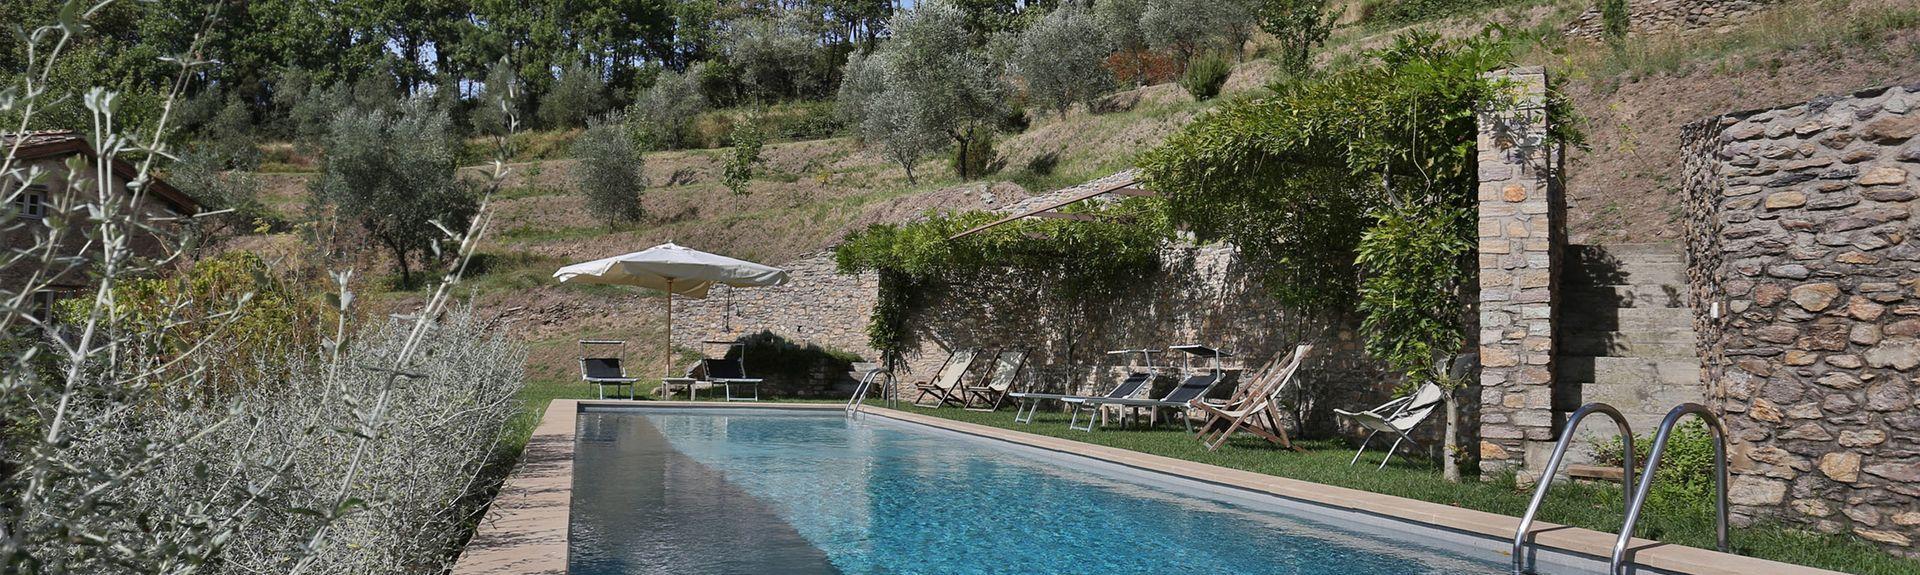 Pontedera, Toscana, Itália